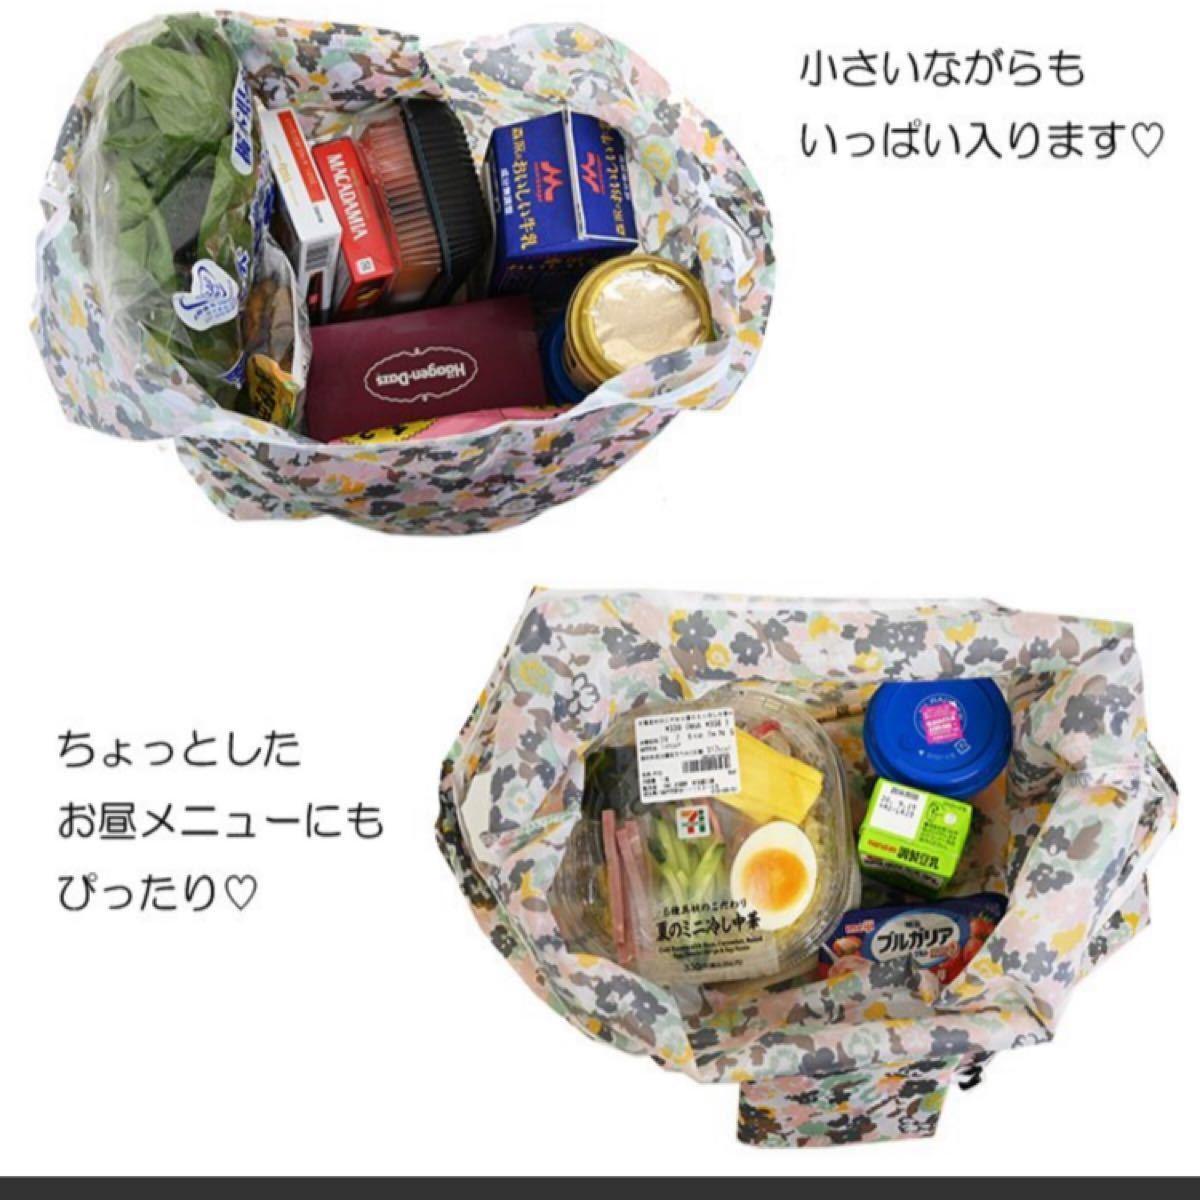 可愛い柄勢揃い折り畳みエコバッグマイバッグ 買い物袋 買い物バッグ サブバッグ